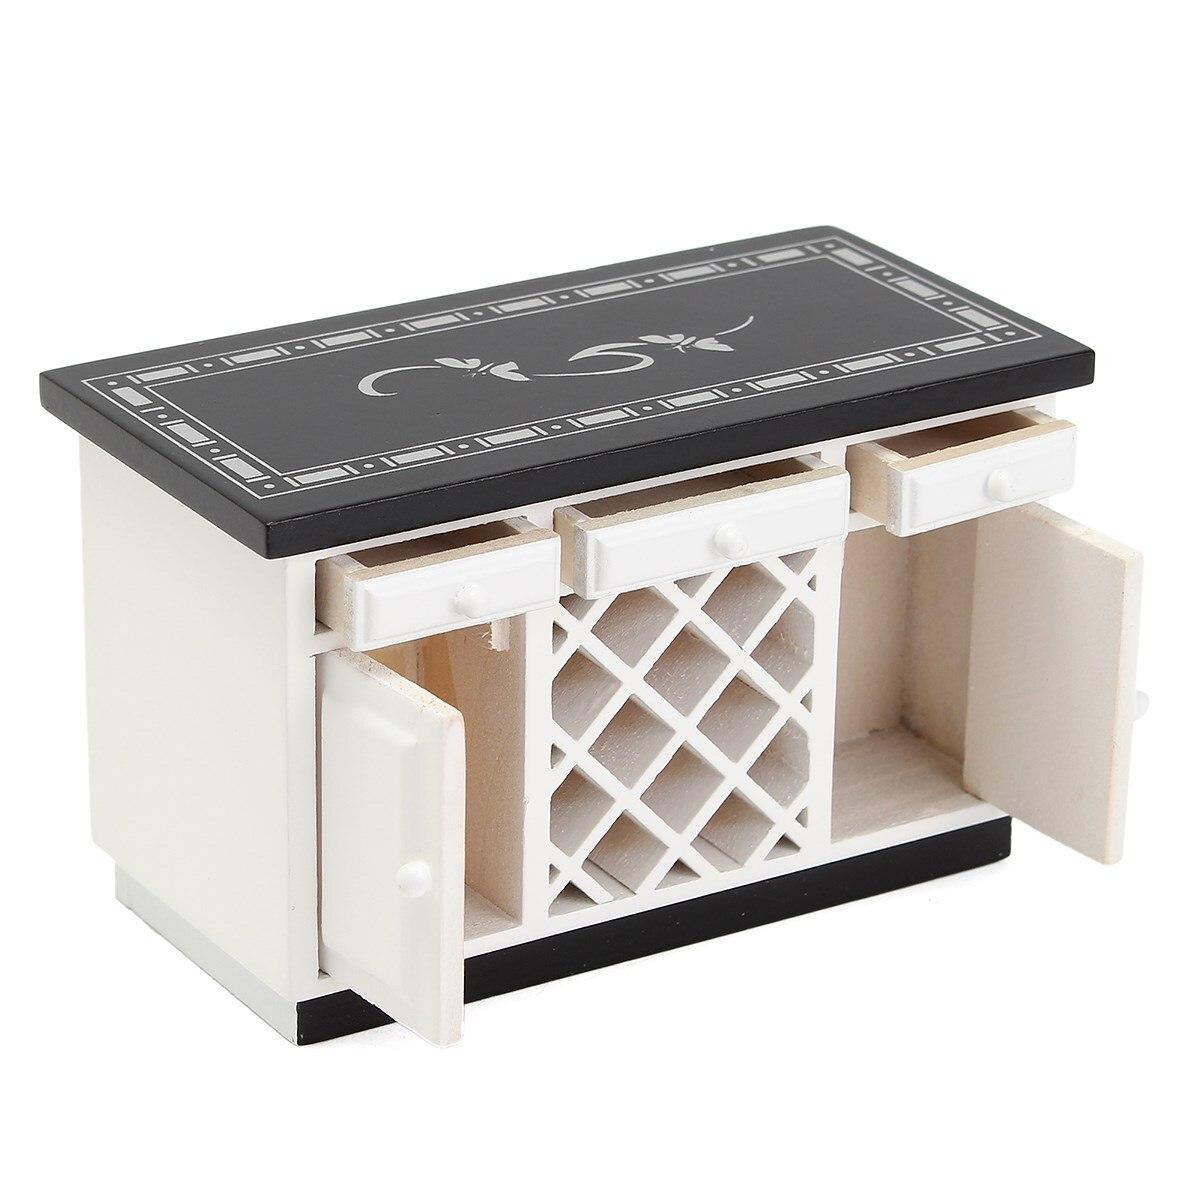 Gemütlich Billige Küche Set Spielzeug Zeitgenössisch - Ideen Für Die ...